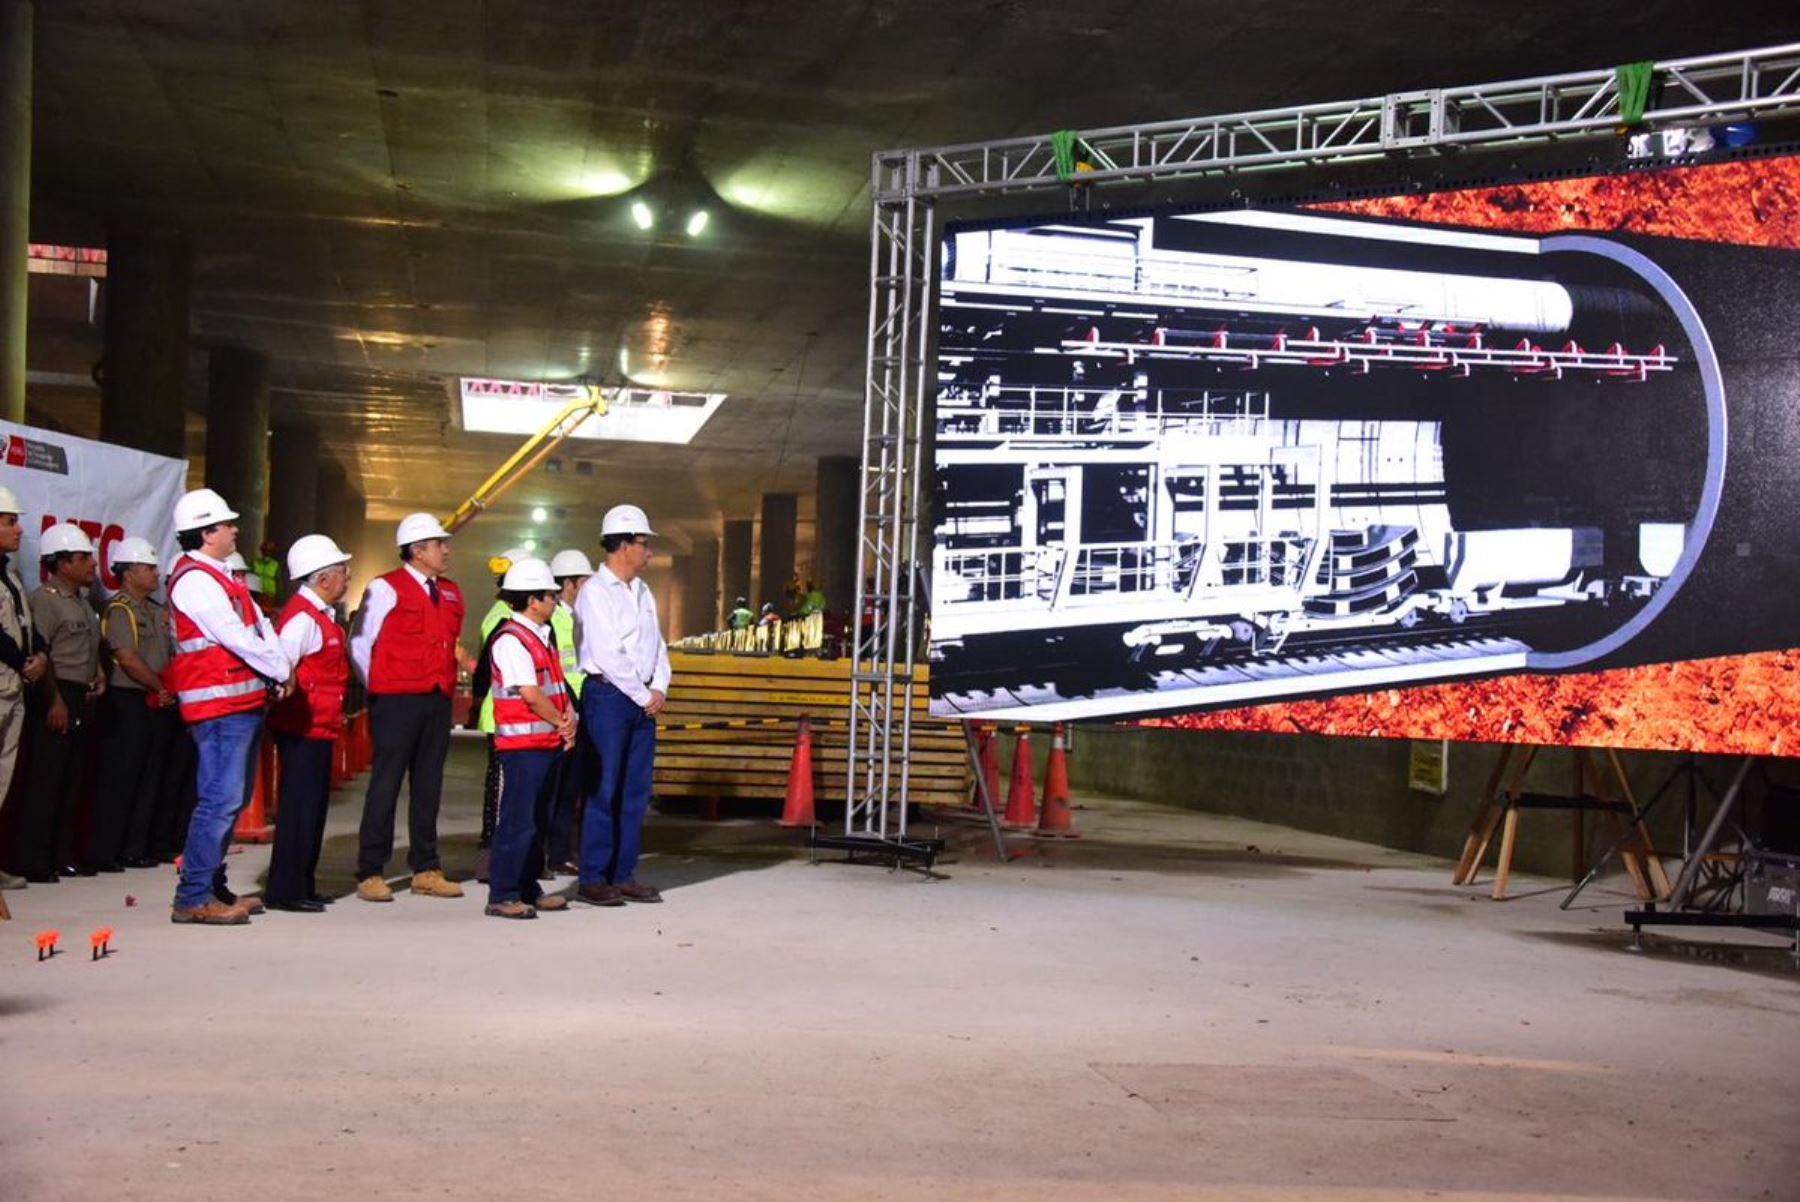 El presidente de la República, Martín Vizcarra, supervisa las obras de la Línea 2 del Metro de Lima. ANDINA/Difusión